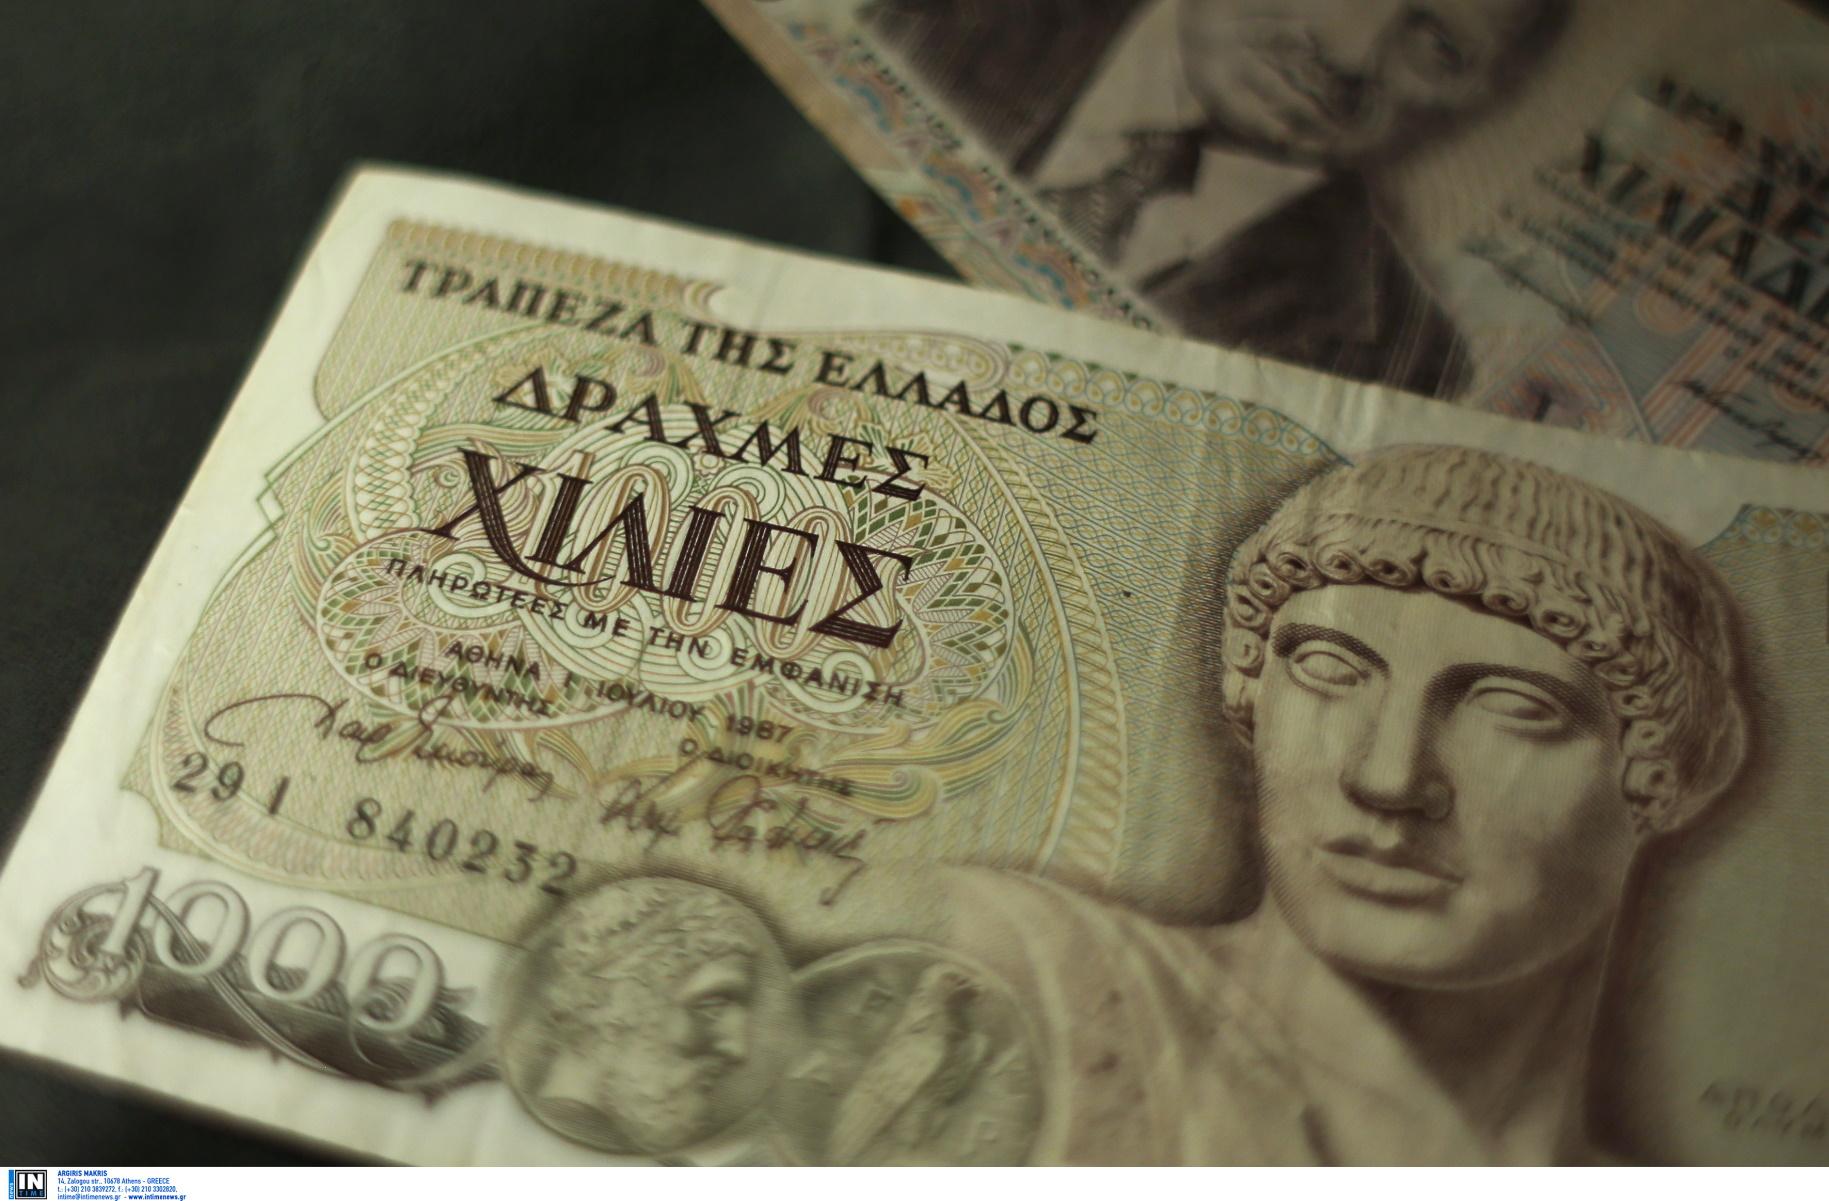 Κρήτη: Δεν ξανάγινε – Ομολόγησε ληστεία 25 χρόνια μετά και επέστρεψε τα χρήματα